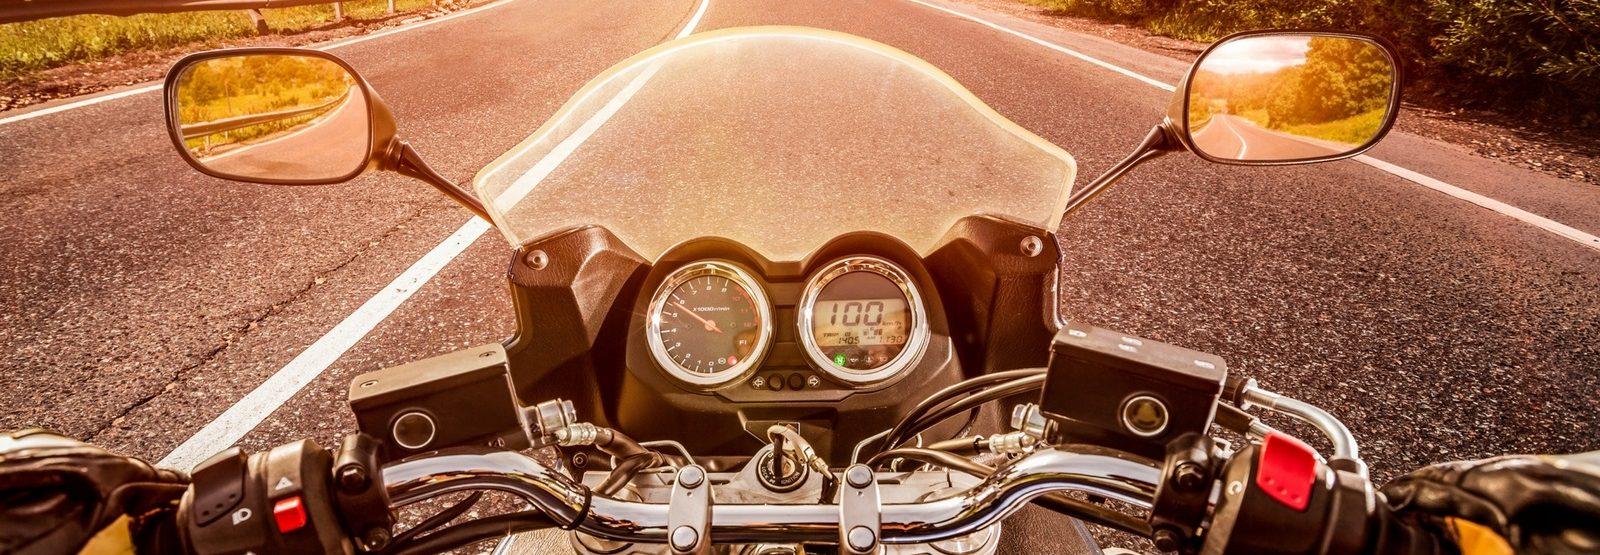 Motorbike Adventures -Another World Adventures